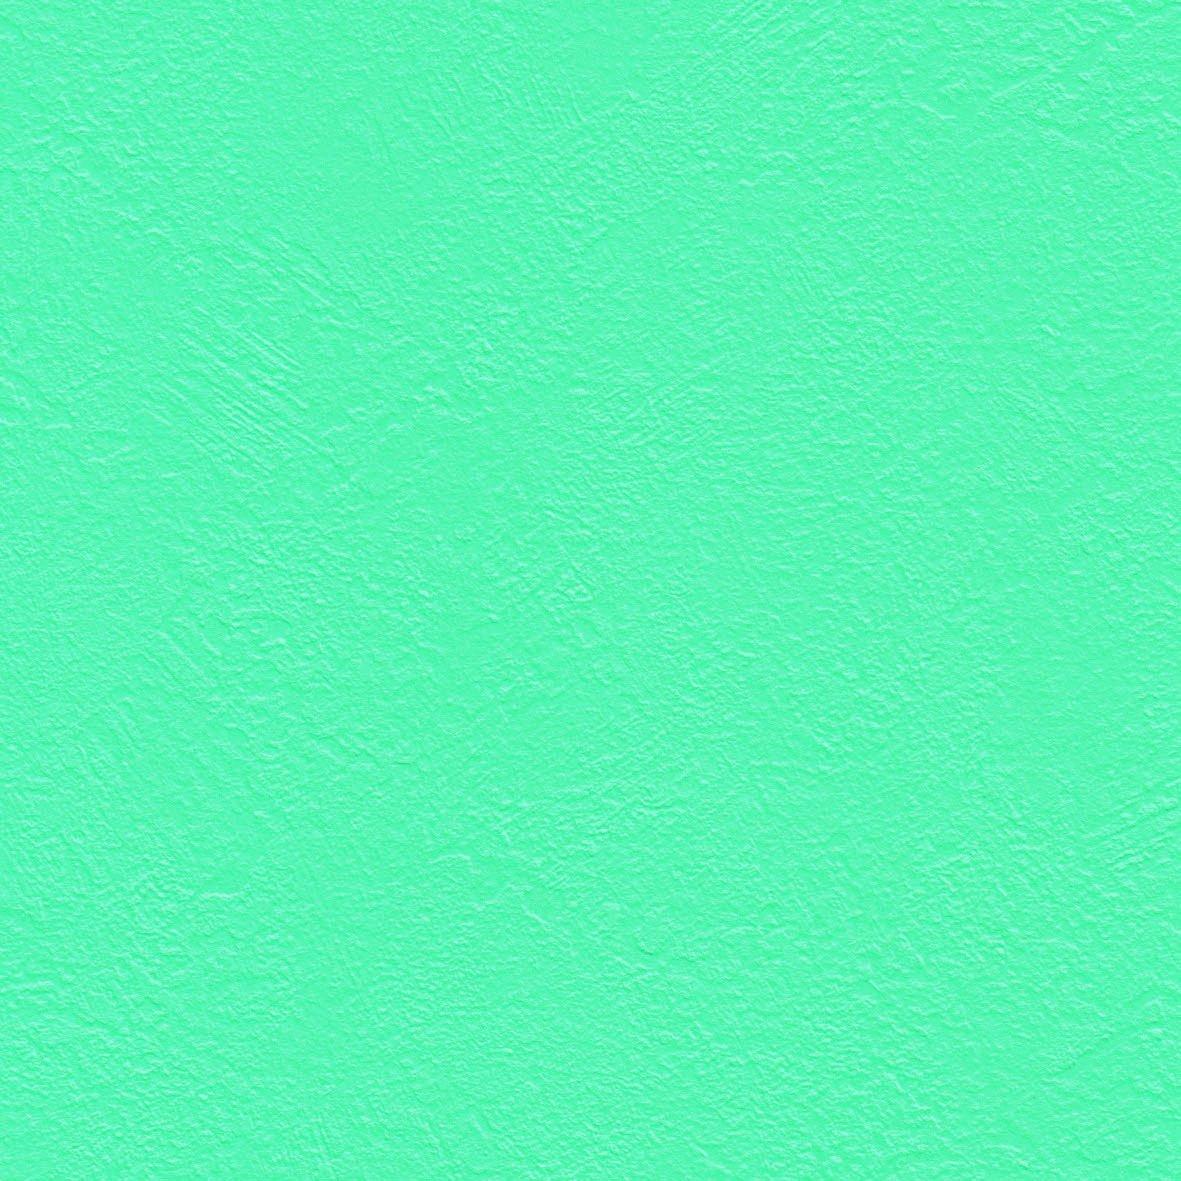 リリカラ 壁紙37m シンフル 石目調 ブルー LL-8235 B01N3T5UKY 37m|ブルー